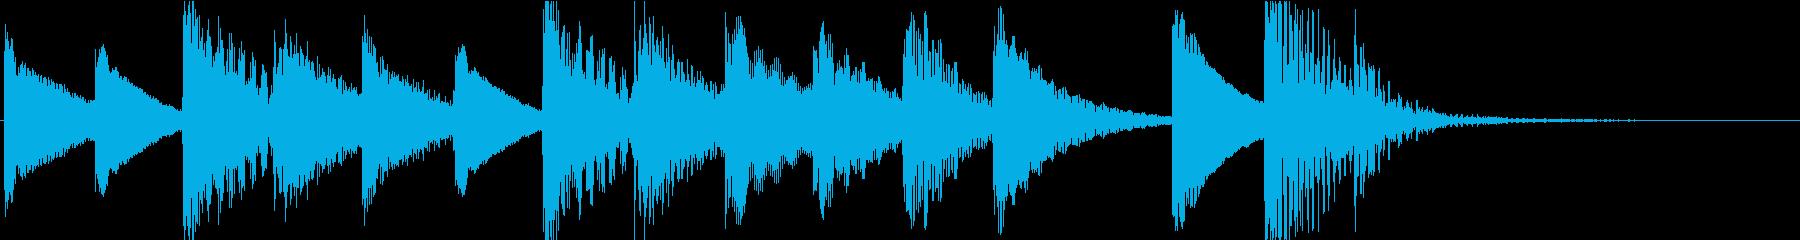 マリンバのほのぼのとしたジングル3の再生済みの波形